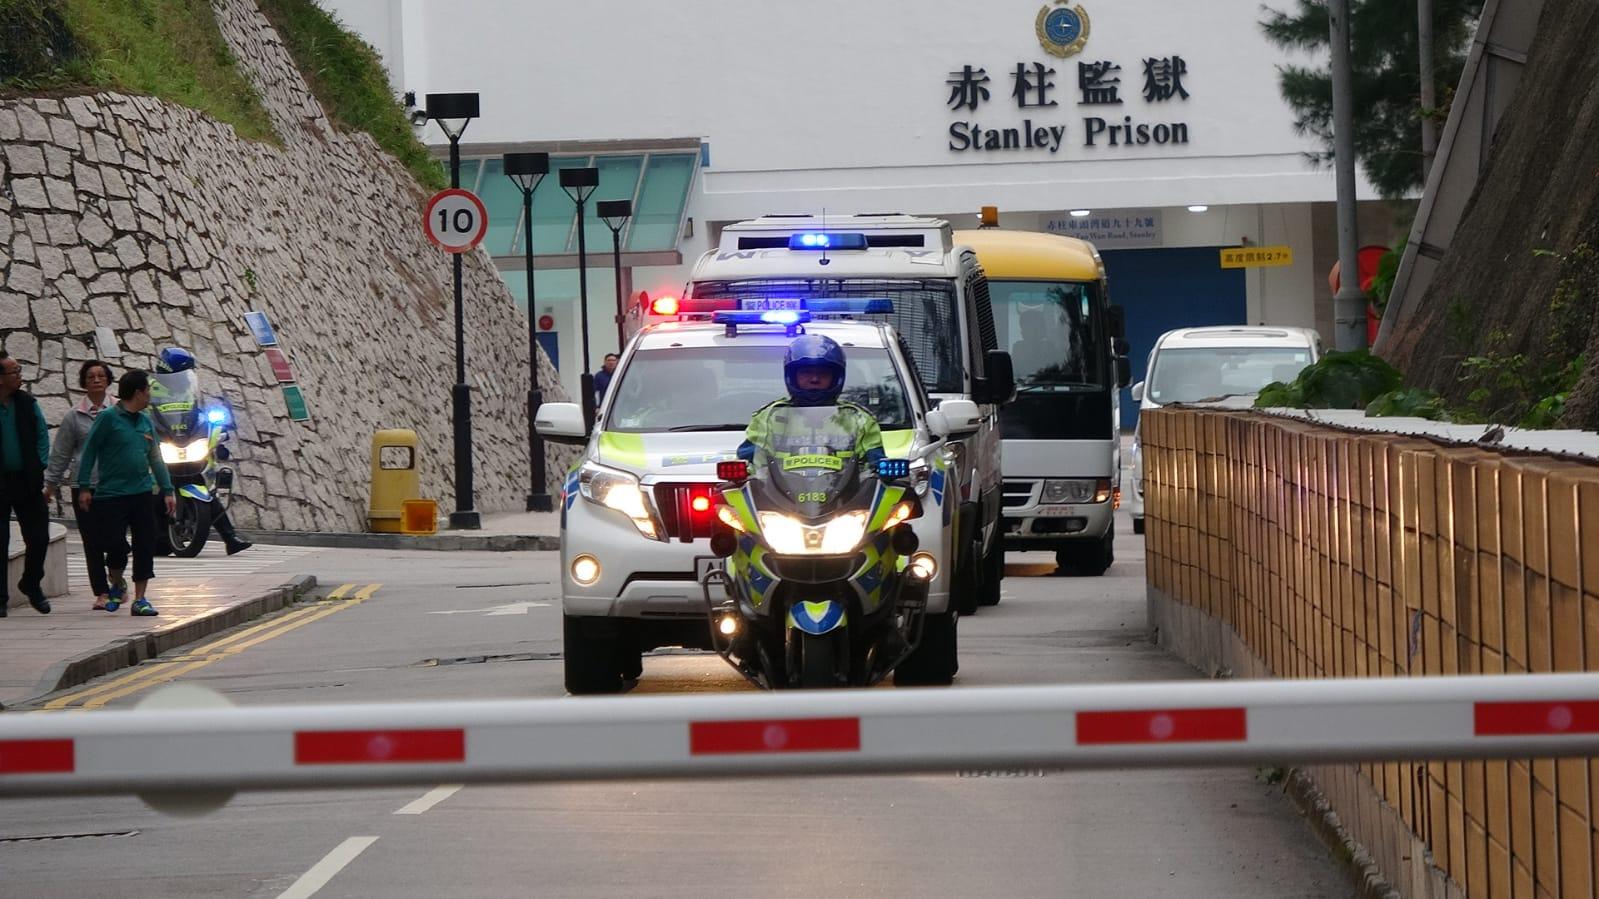 「新贼王」季炳雄出狱 车队离开赤柱监狱直驶机场